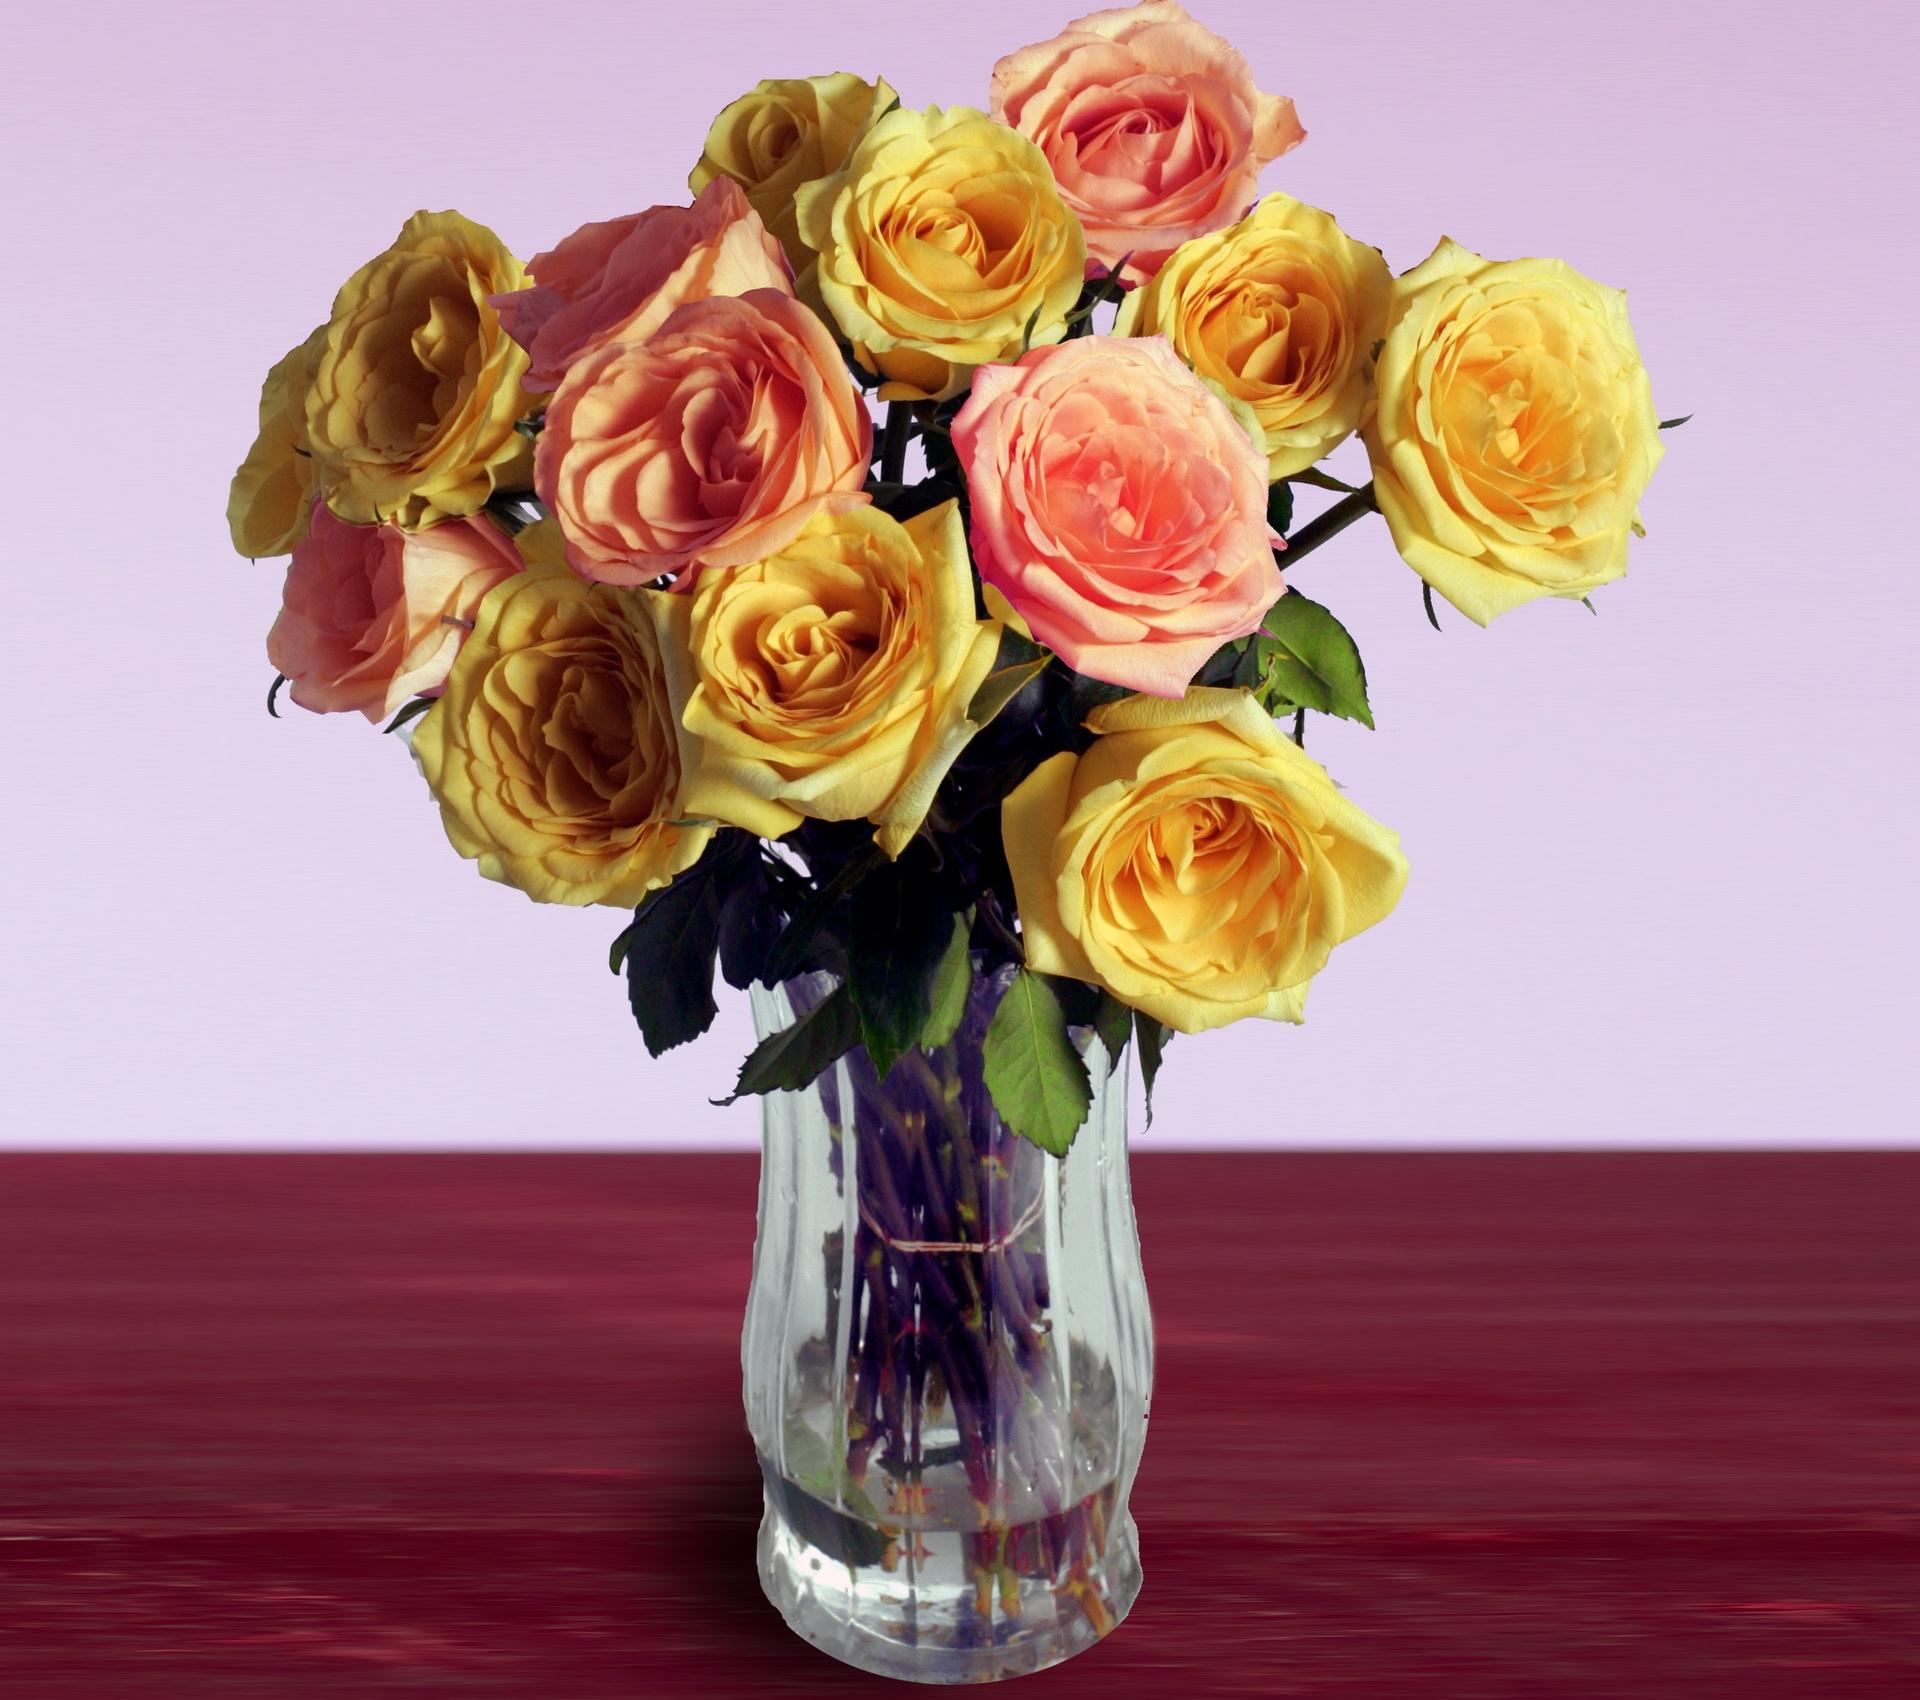 фото, разная цветы розы фото в вазе болотистых